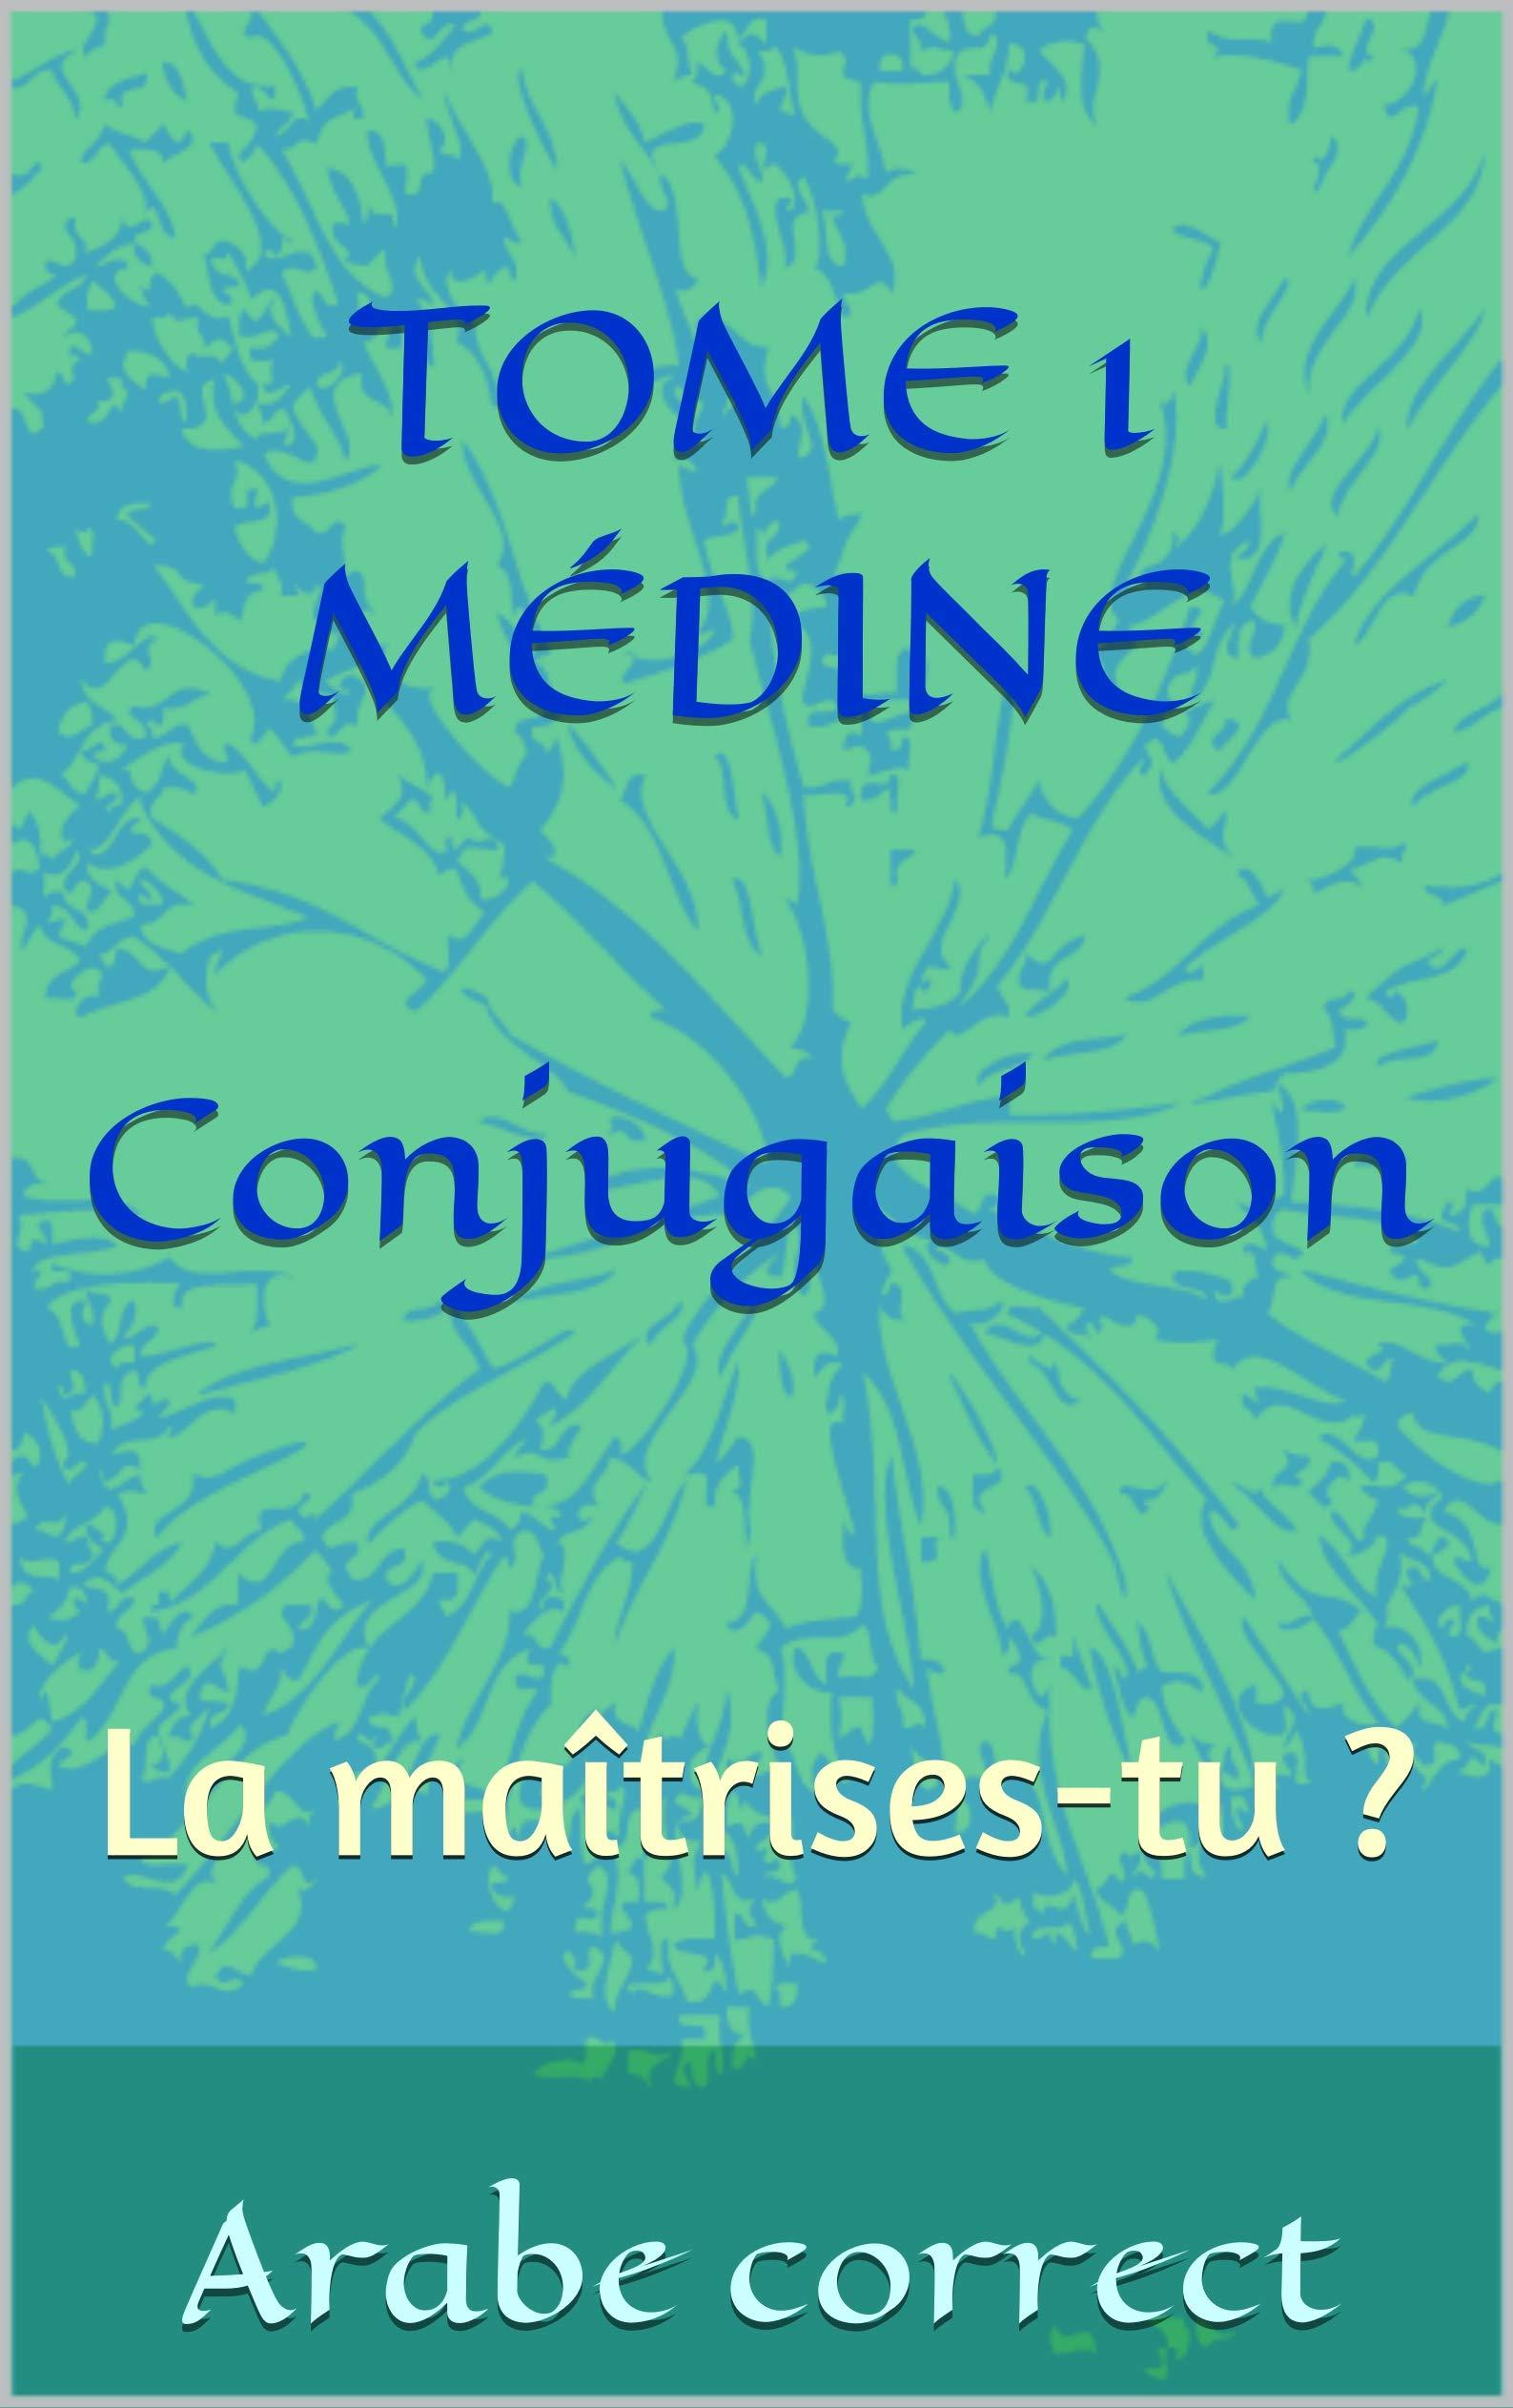 TOME 1 MÉDINE Conjugaison: La maîtrises-tu ?